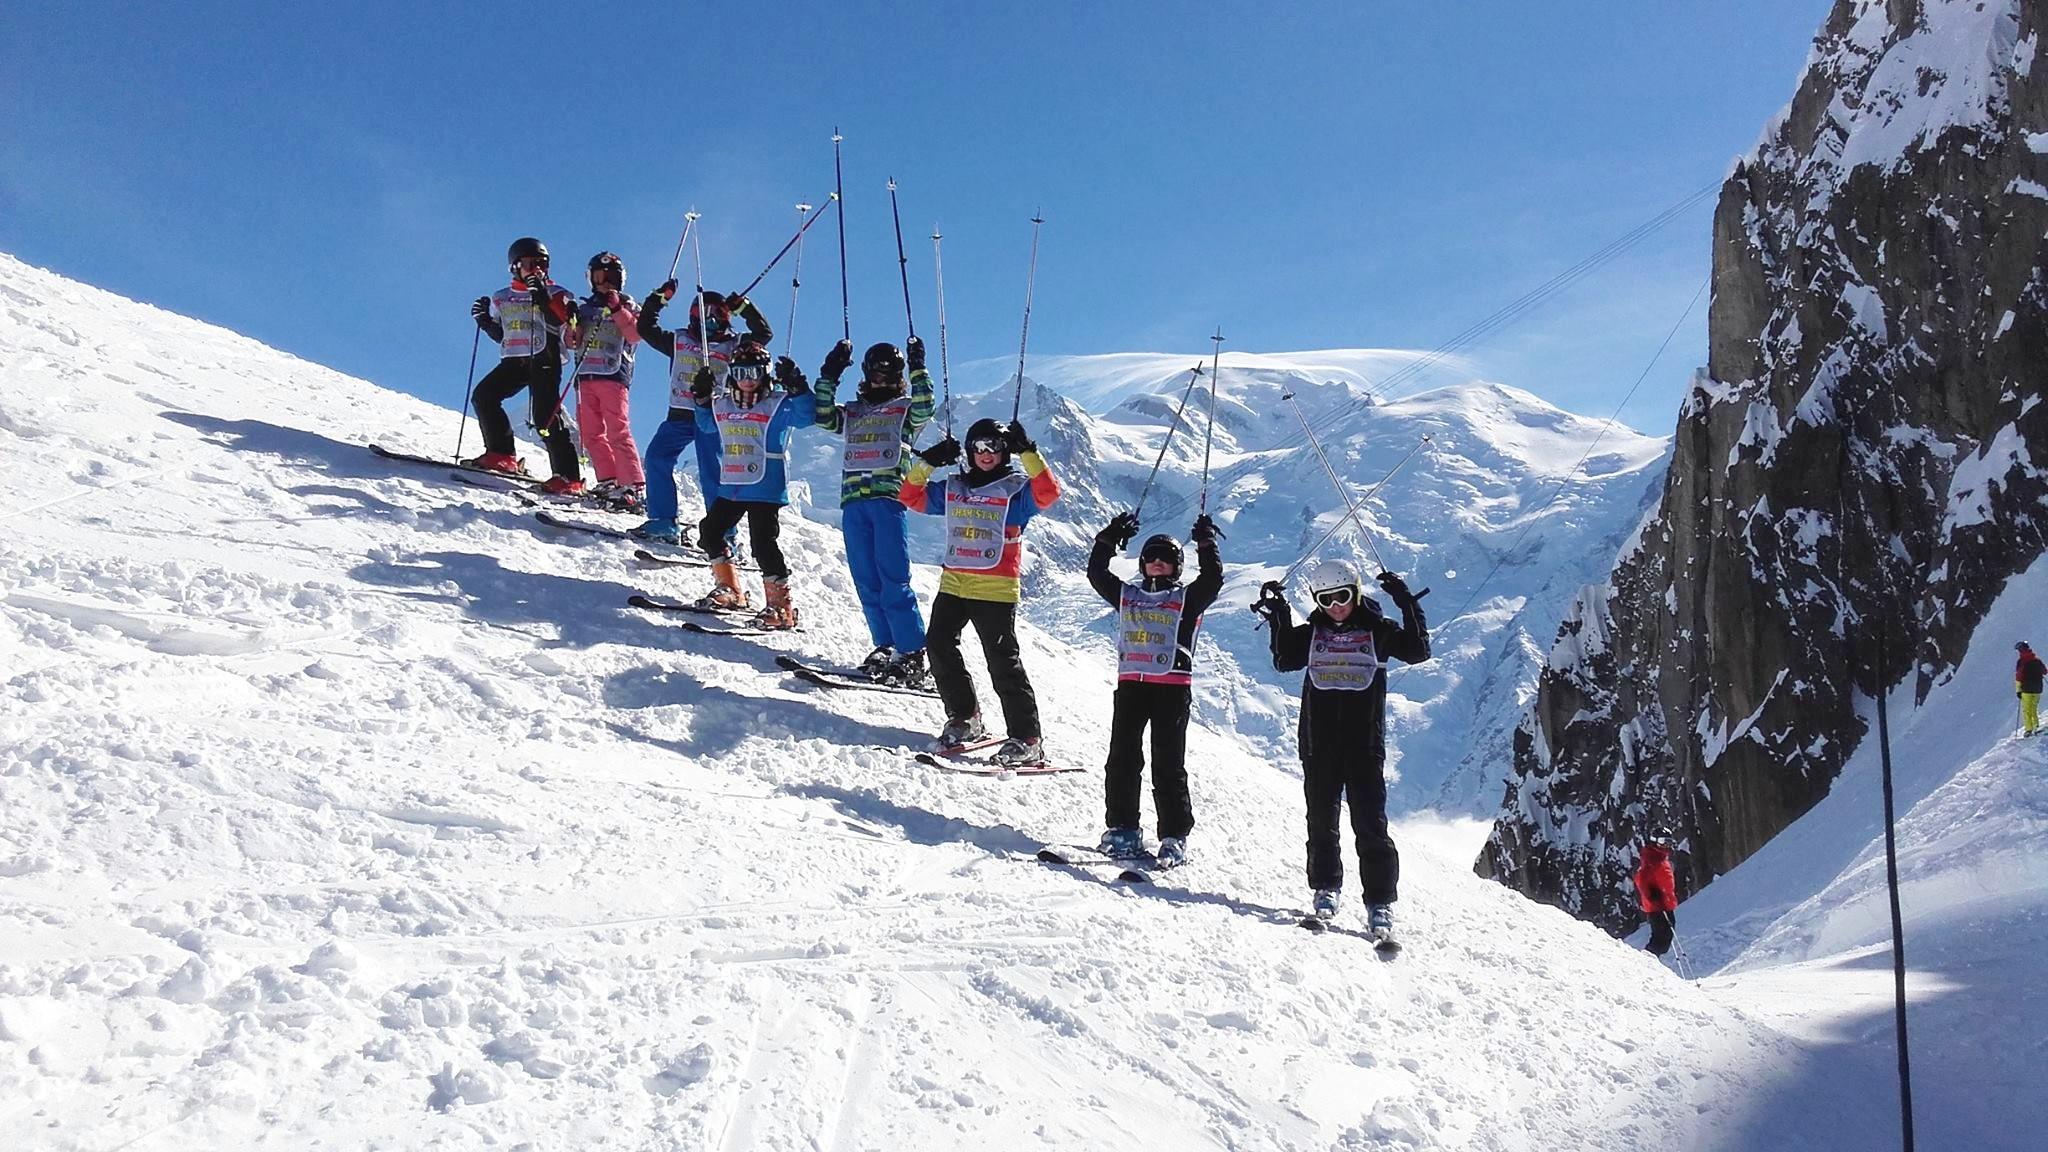 Cours de ski pour Enfants (5-12 ans) à Chamonix/Brévent